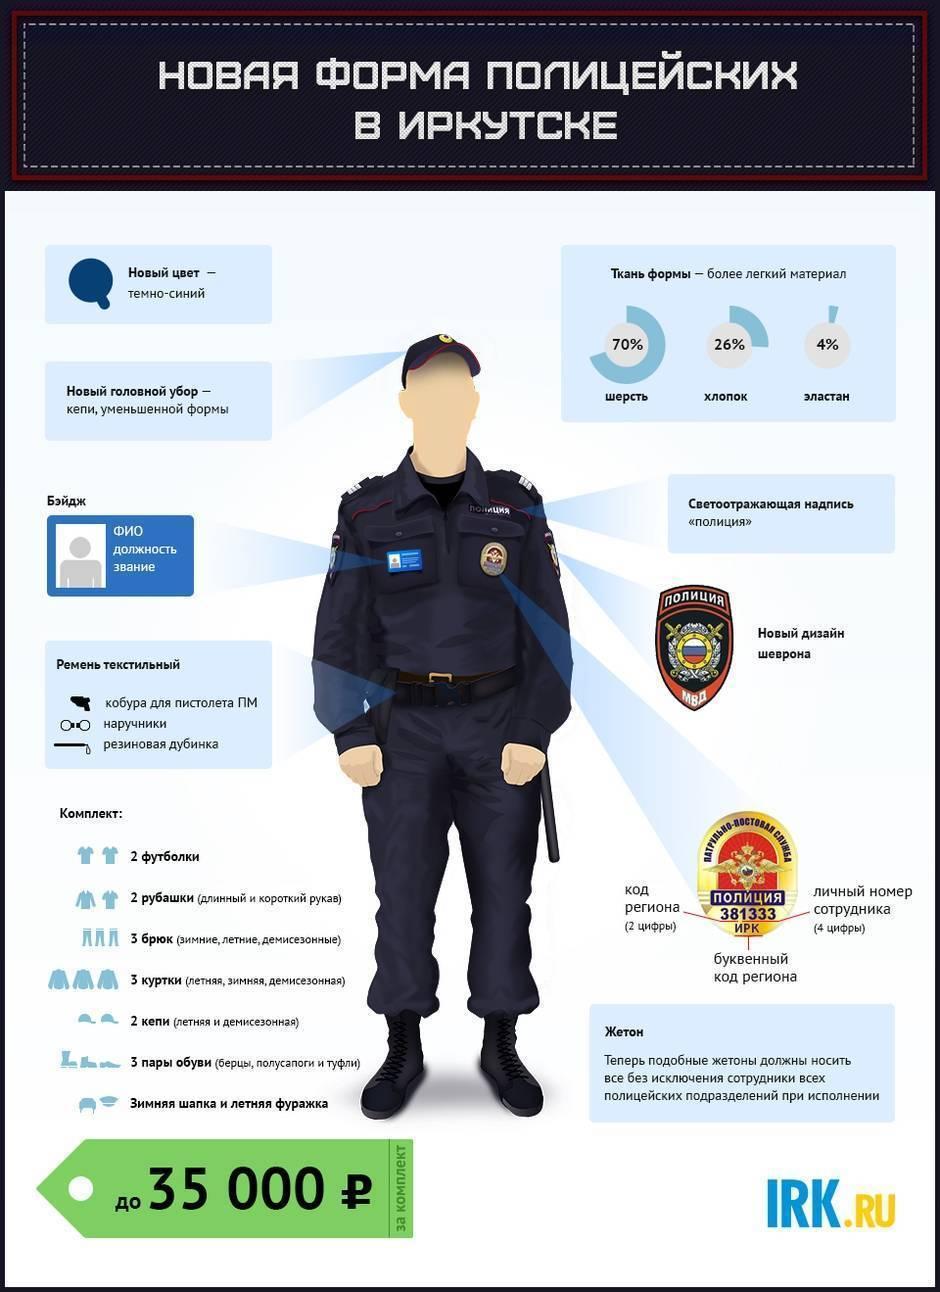 Правила ношения формы сотрудниками полиции в рф